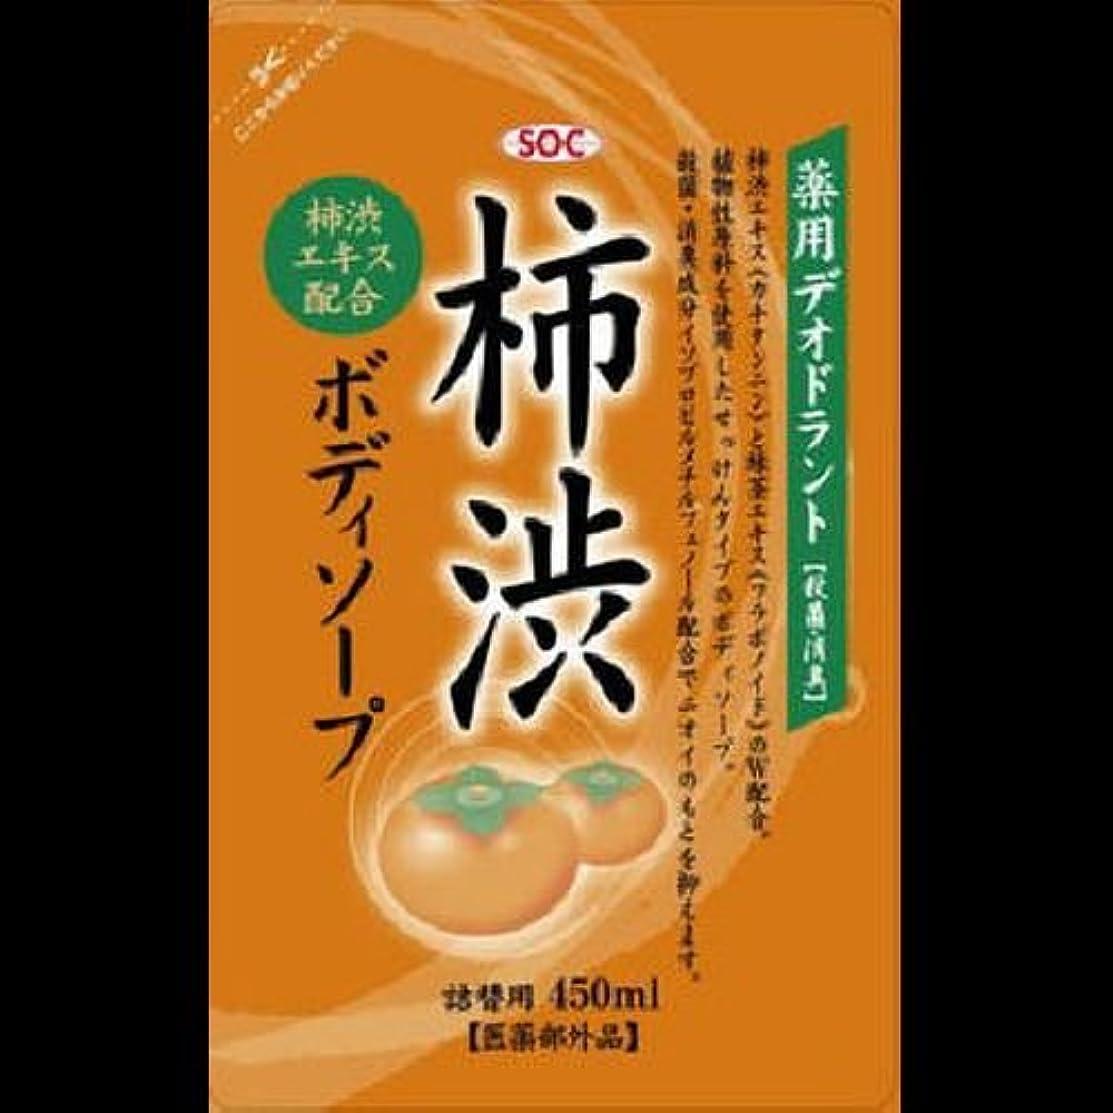 有料差別木曜日SOC 薬用柿渋ボディソープ 詰替 450ml ×2セット